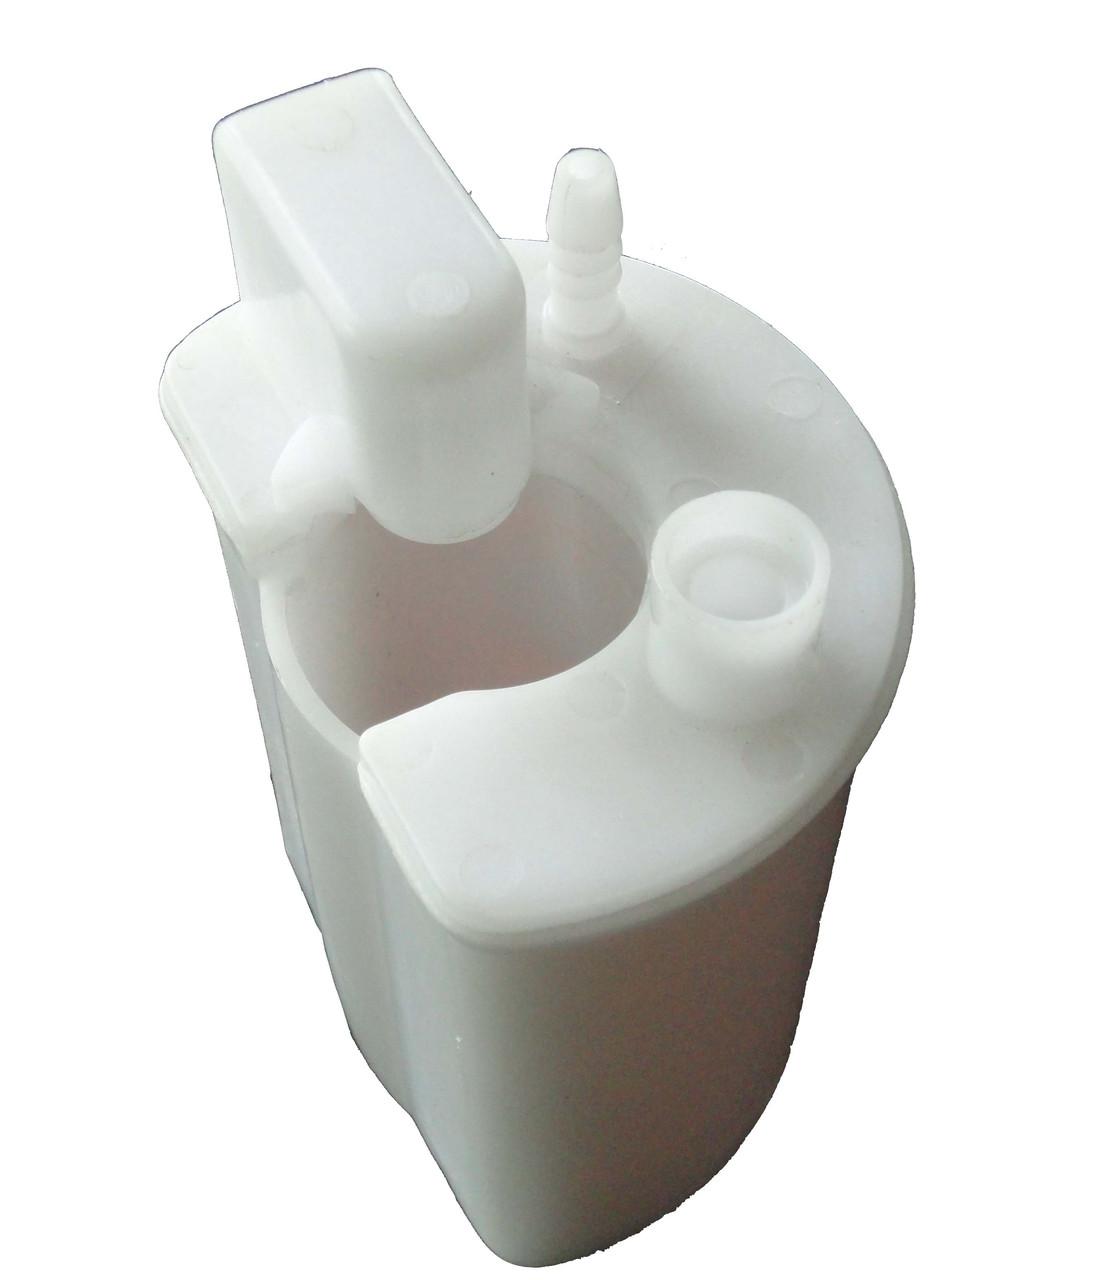 Топливный фильтр Kia Ceed, Cerato, Carens, Hyundai i10, i20, i30, ix20, Elantra 31910-2H000